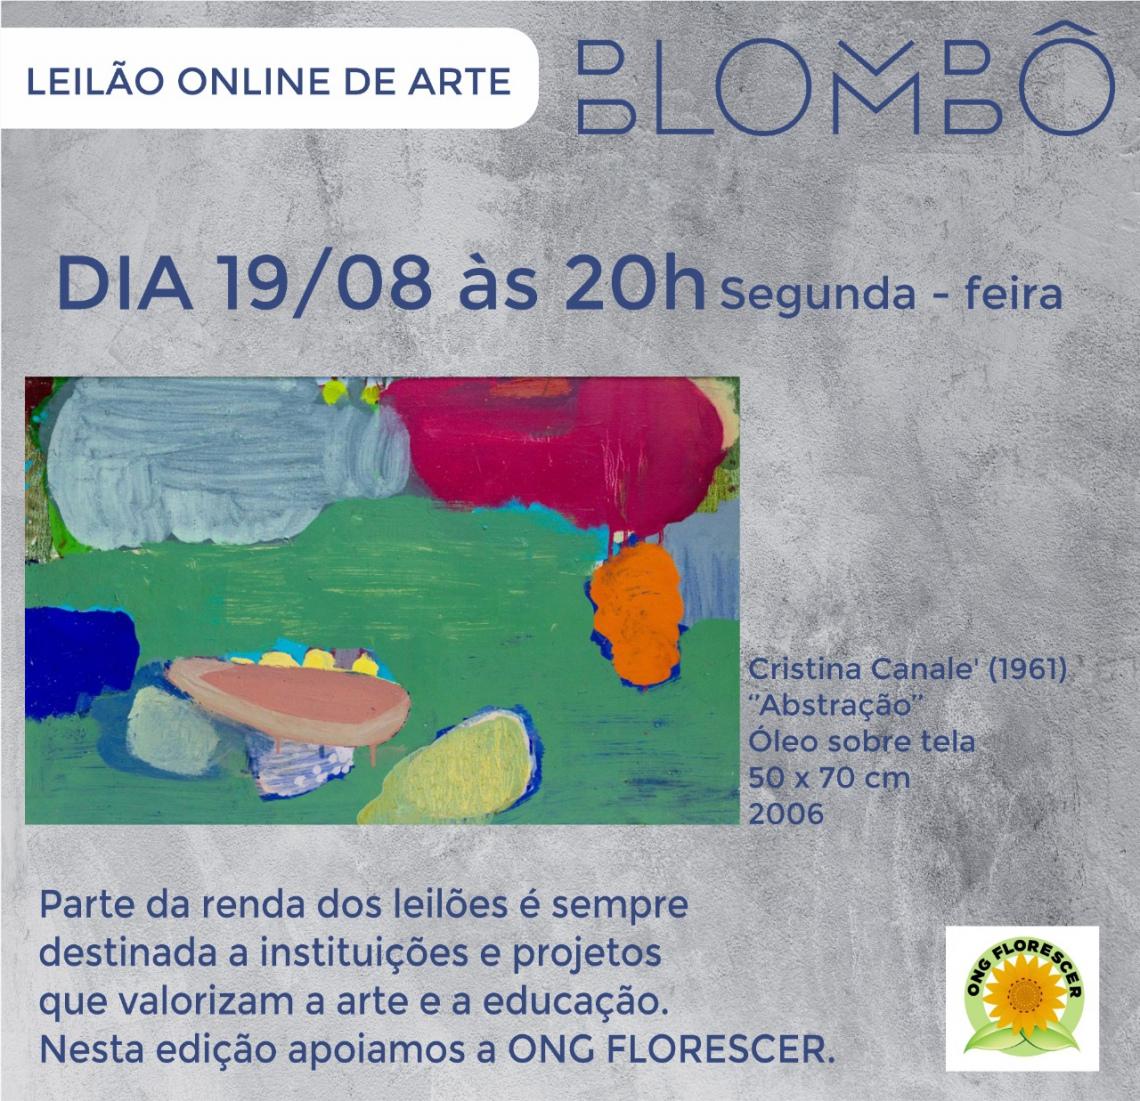 Leilão Blombô | Apoio Ong Florescer 19/08 - Segunda-feira - às 20h